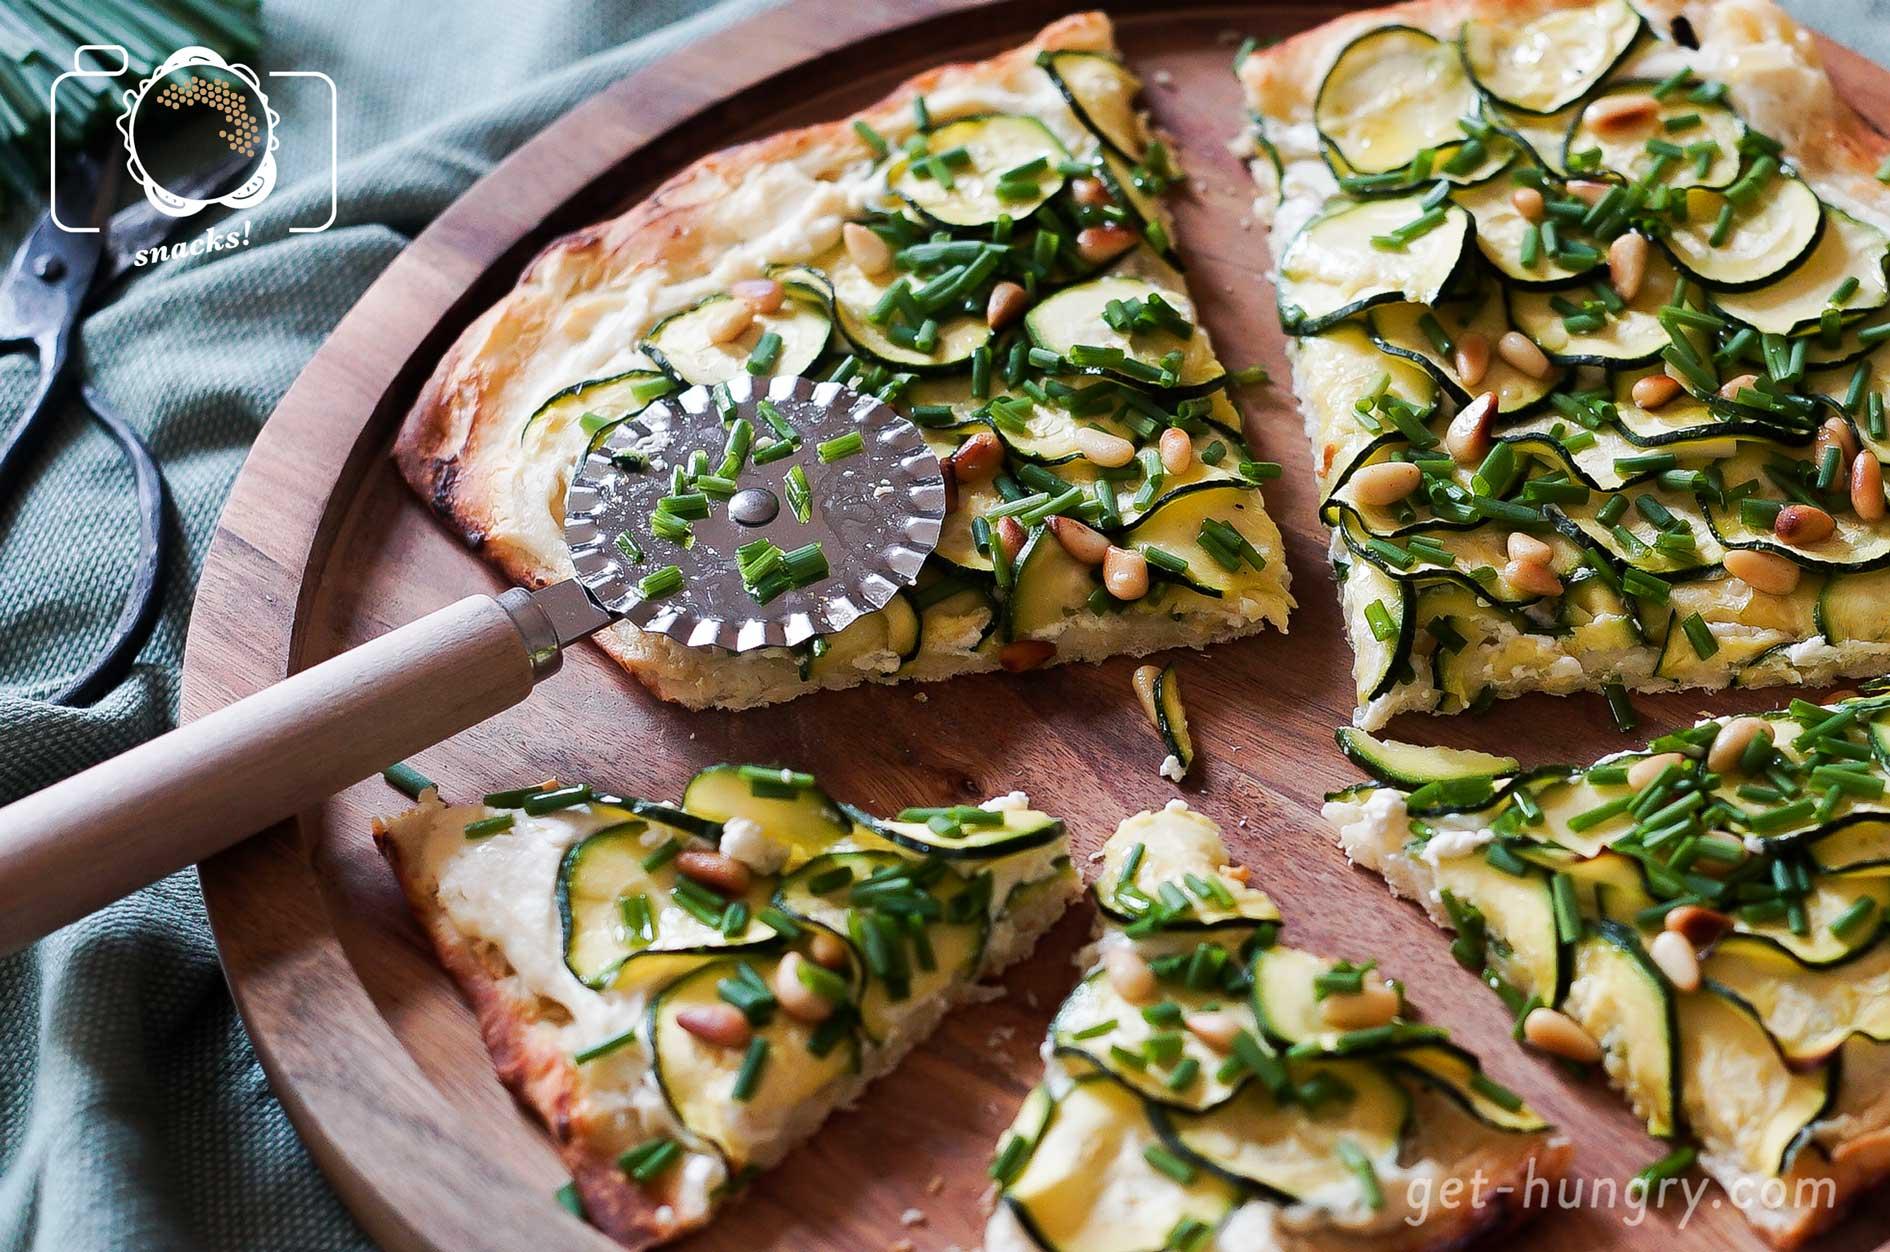 Zuchini-Ricotta-Pizzaschnitten - Veggielicious !Im Schnellschussmodus darf es hier gerne der Fertig-Pizzateig sein. Darauf kommt 200 g Ricotta mit Knoblauch (bestenfalls Jungknoblauch und davon ruhig etwas mehr), Spritzer Zitrone, Salz und Pfeffer gemischt. Darüber eng geschichtet dünne Zuchini-Scheiben, Prise Salz und ein Schuss Olivenöl. Nach dem Backen mit gerösteten Pinienkernen und Schnittlauch garnieren.